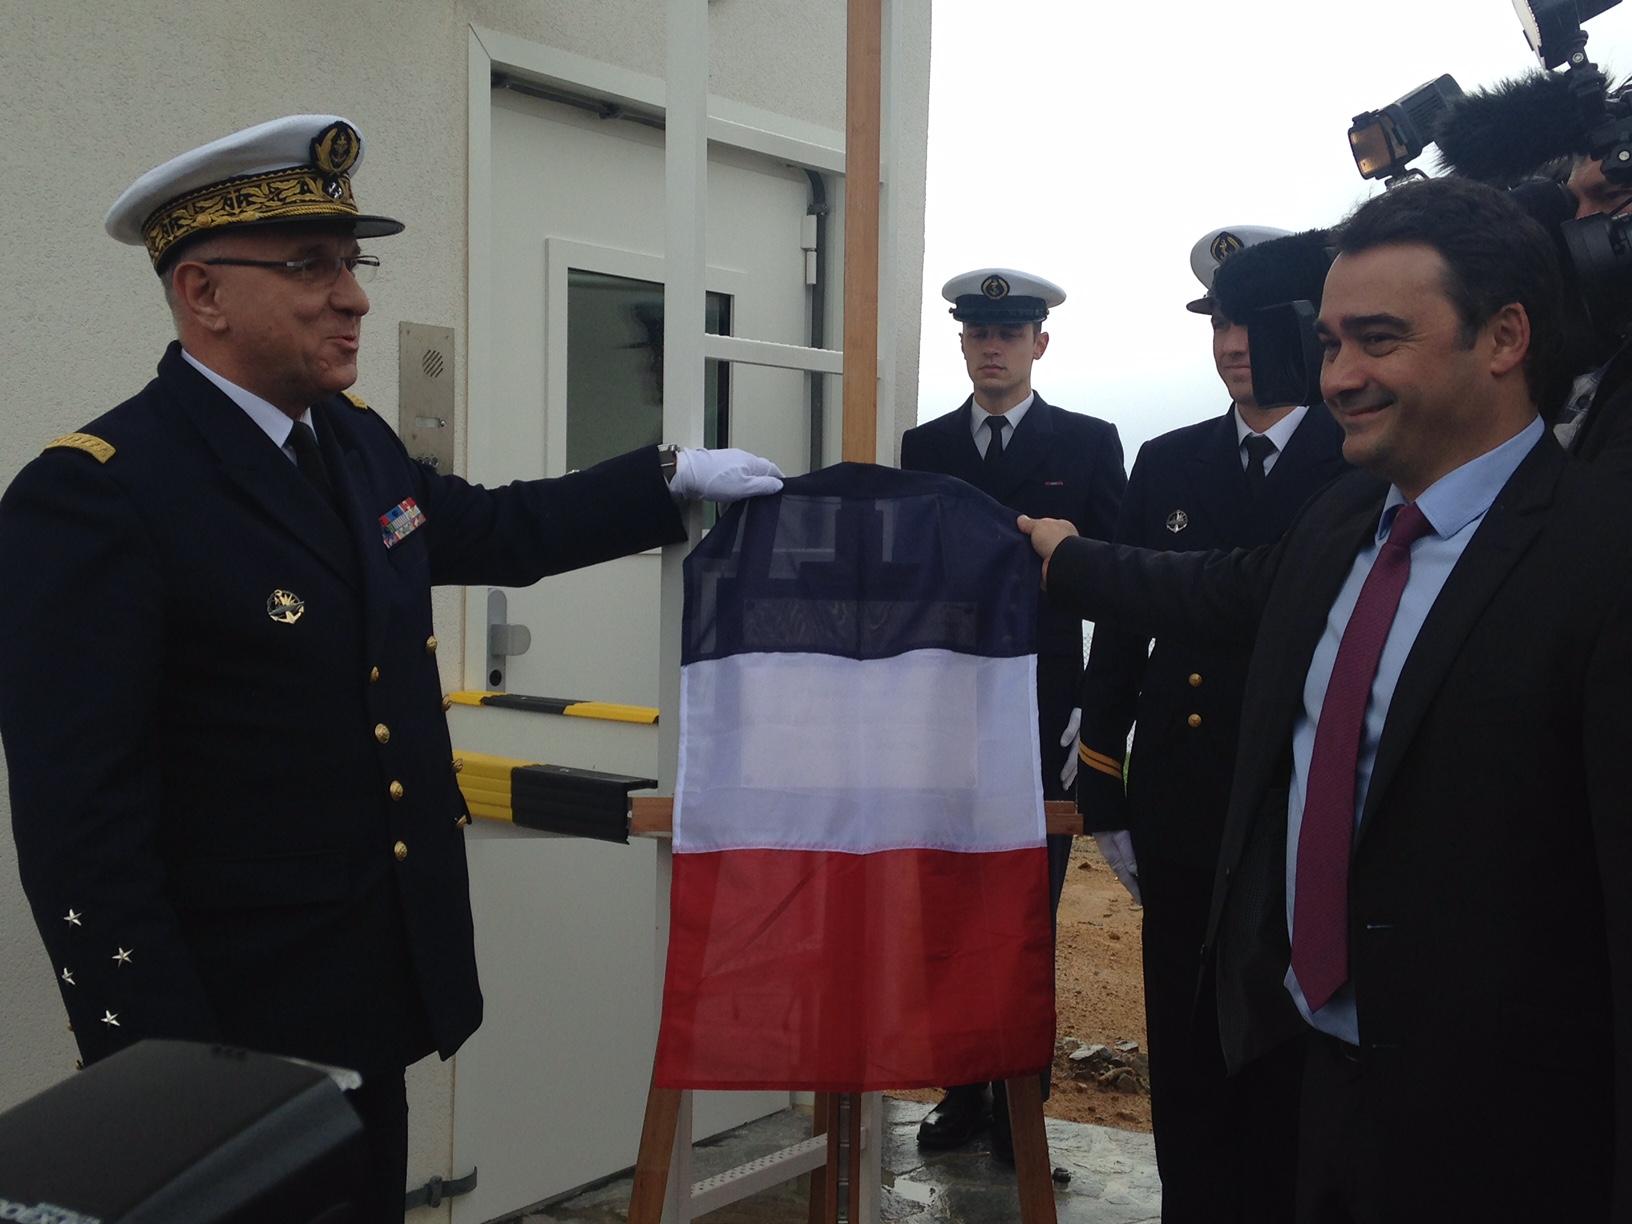 L'Amiral Joly et Stéphane Sbraggia, adjoint au maire d'Ajaccio